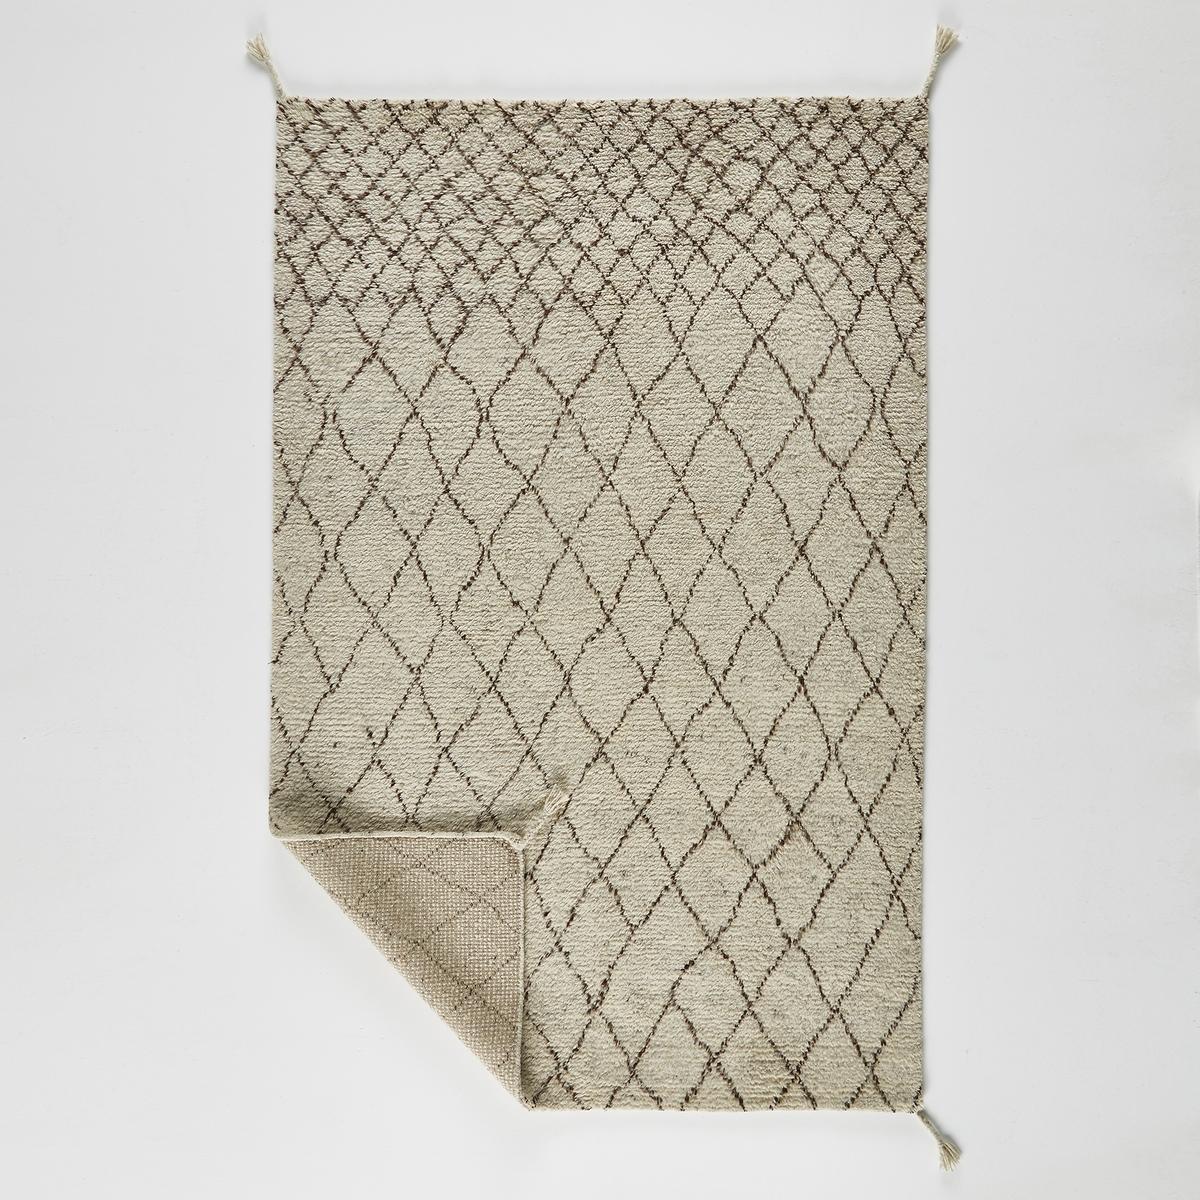 Ковер La Redoute В берберском стиле из шерсти Tekouma 120 x 180 см бежевый ковер la redoute в берберском стиле из шерсти tekouma 120 x 180 см бежевый